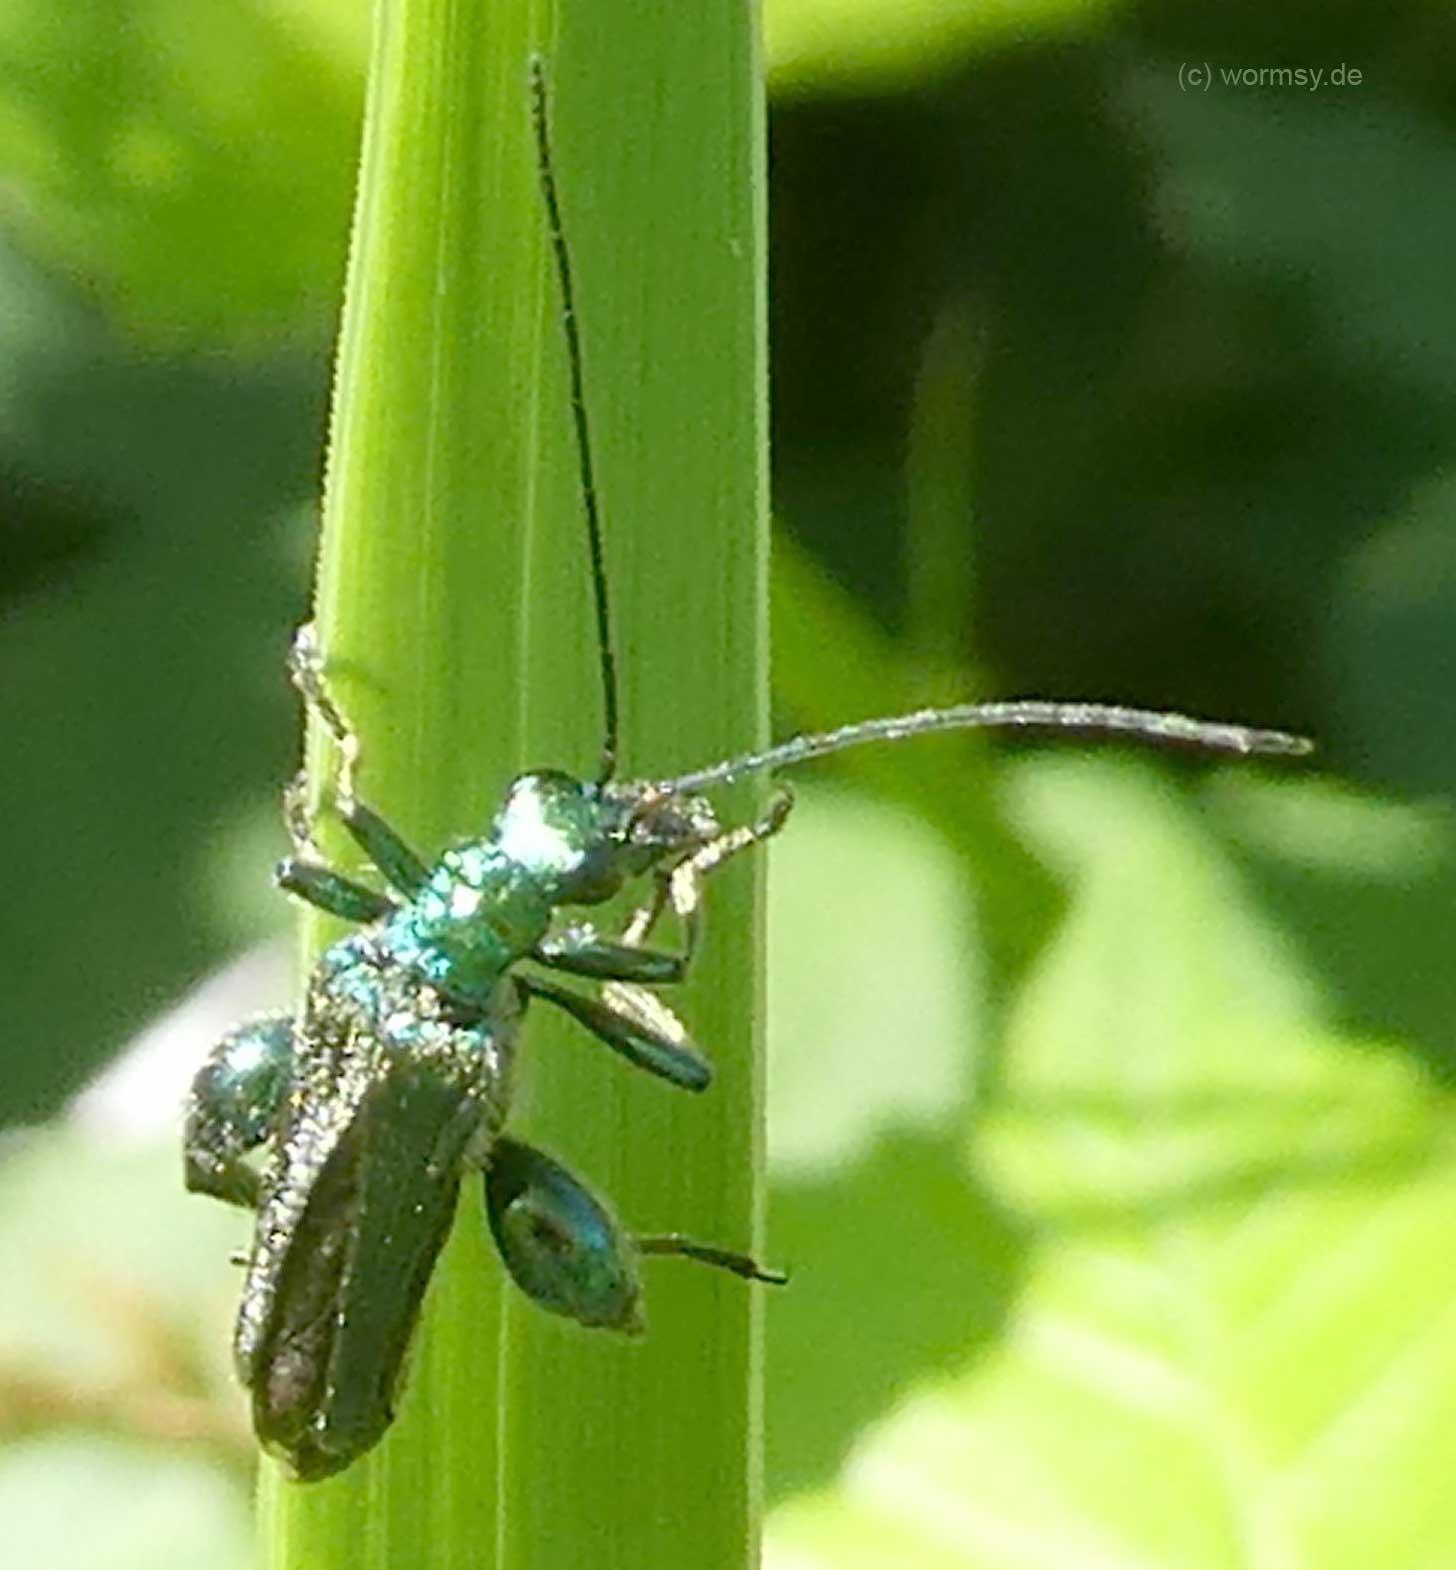 Grüner Scheinbockkäfer (Insekten in Worms)